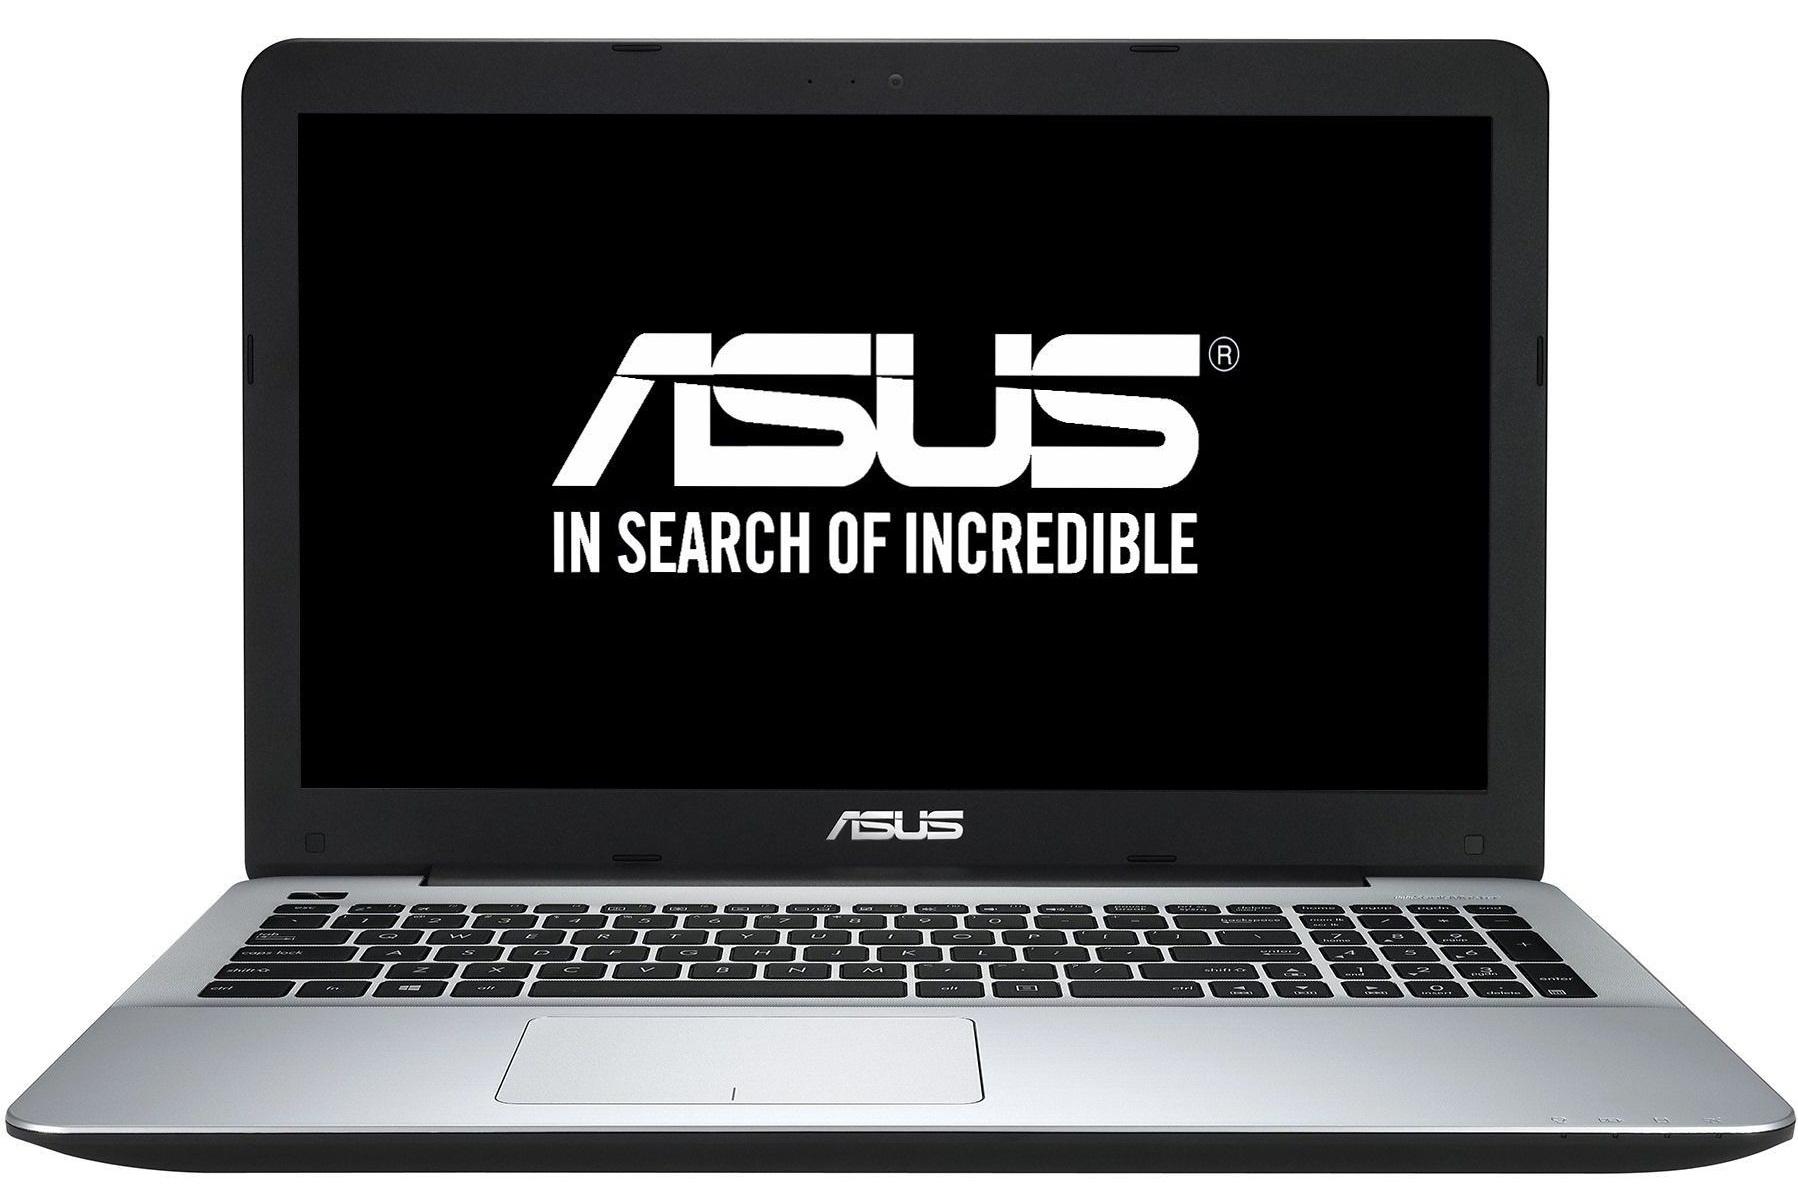 Asus X555DG-DM012D